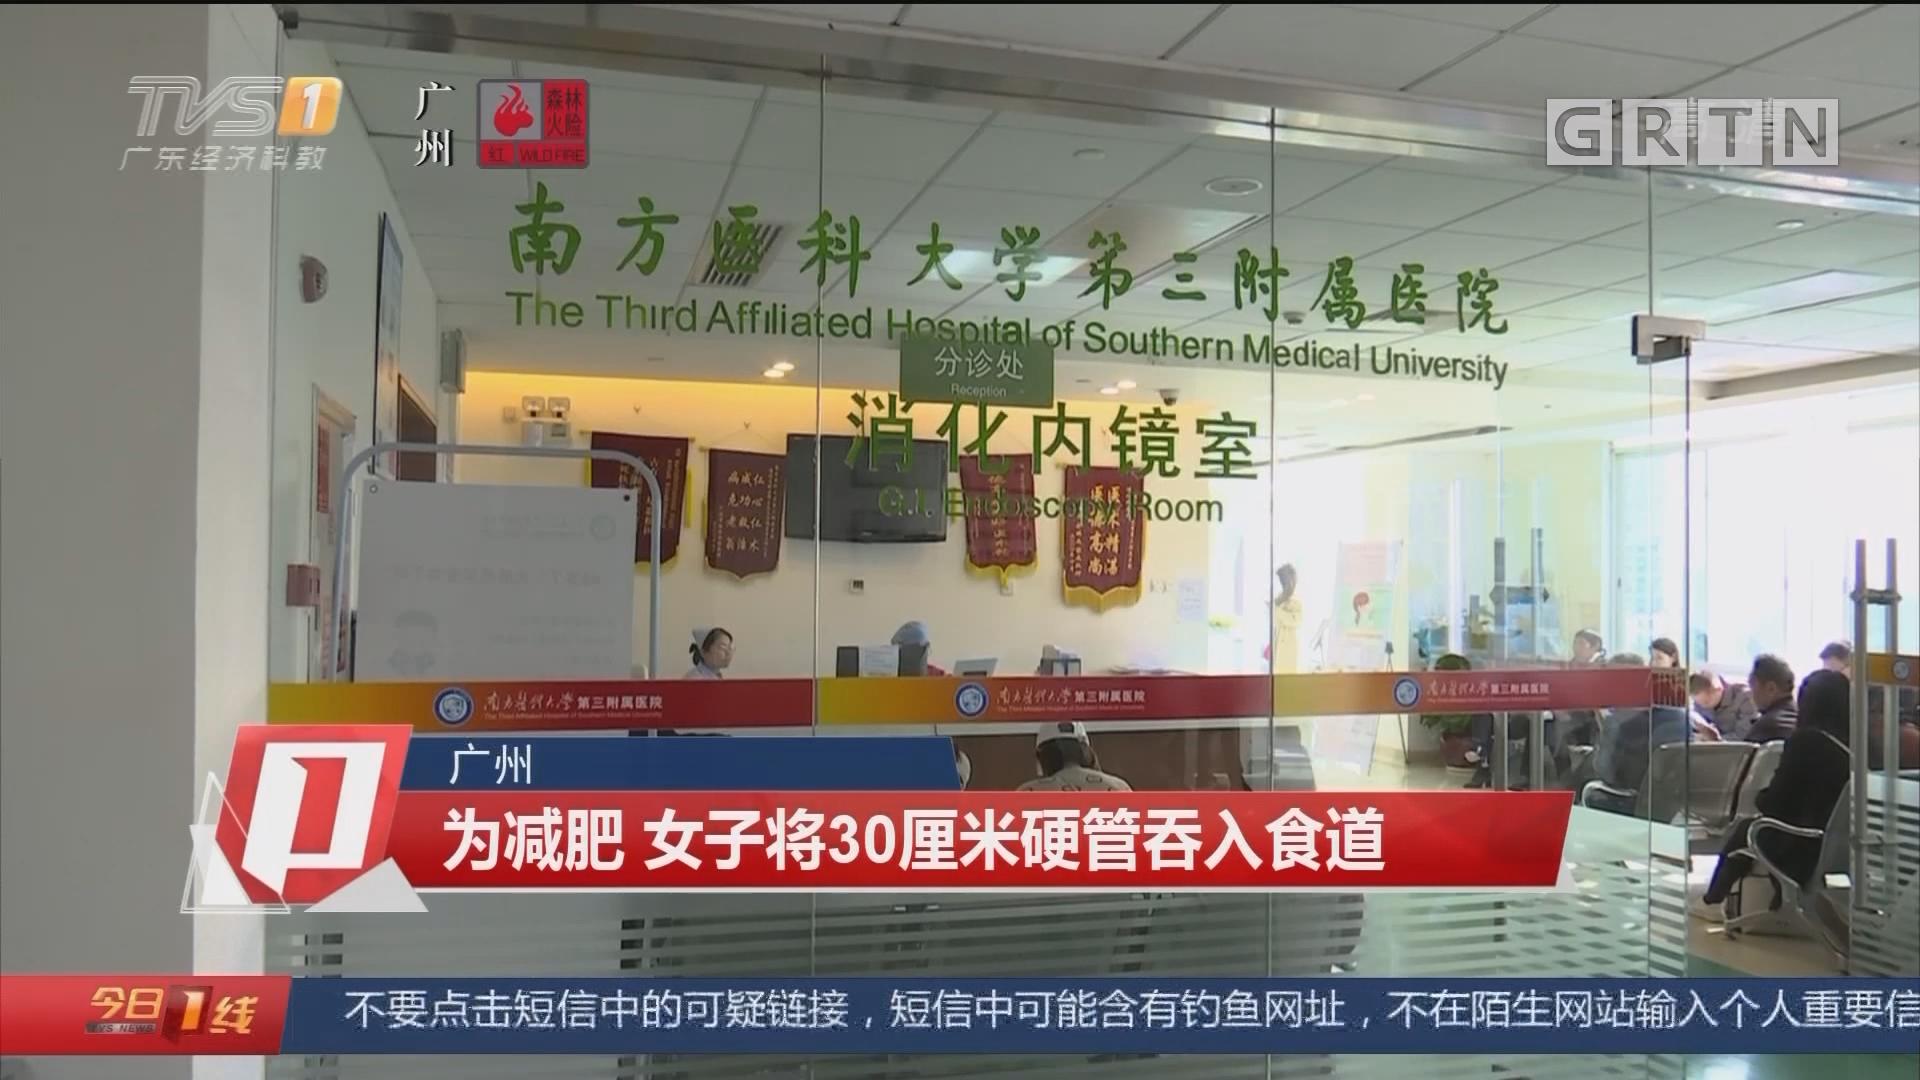 广州 为减肥 女子将30厘米硬管吞入食道